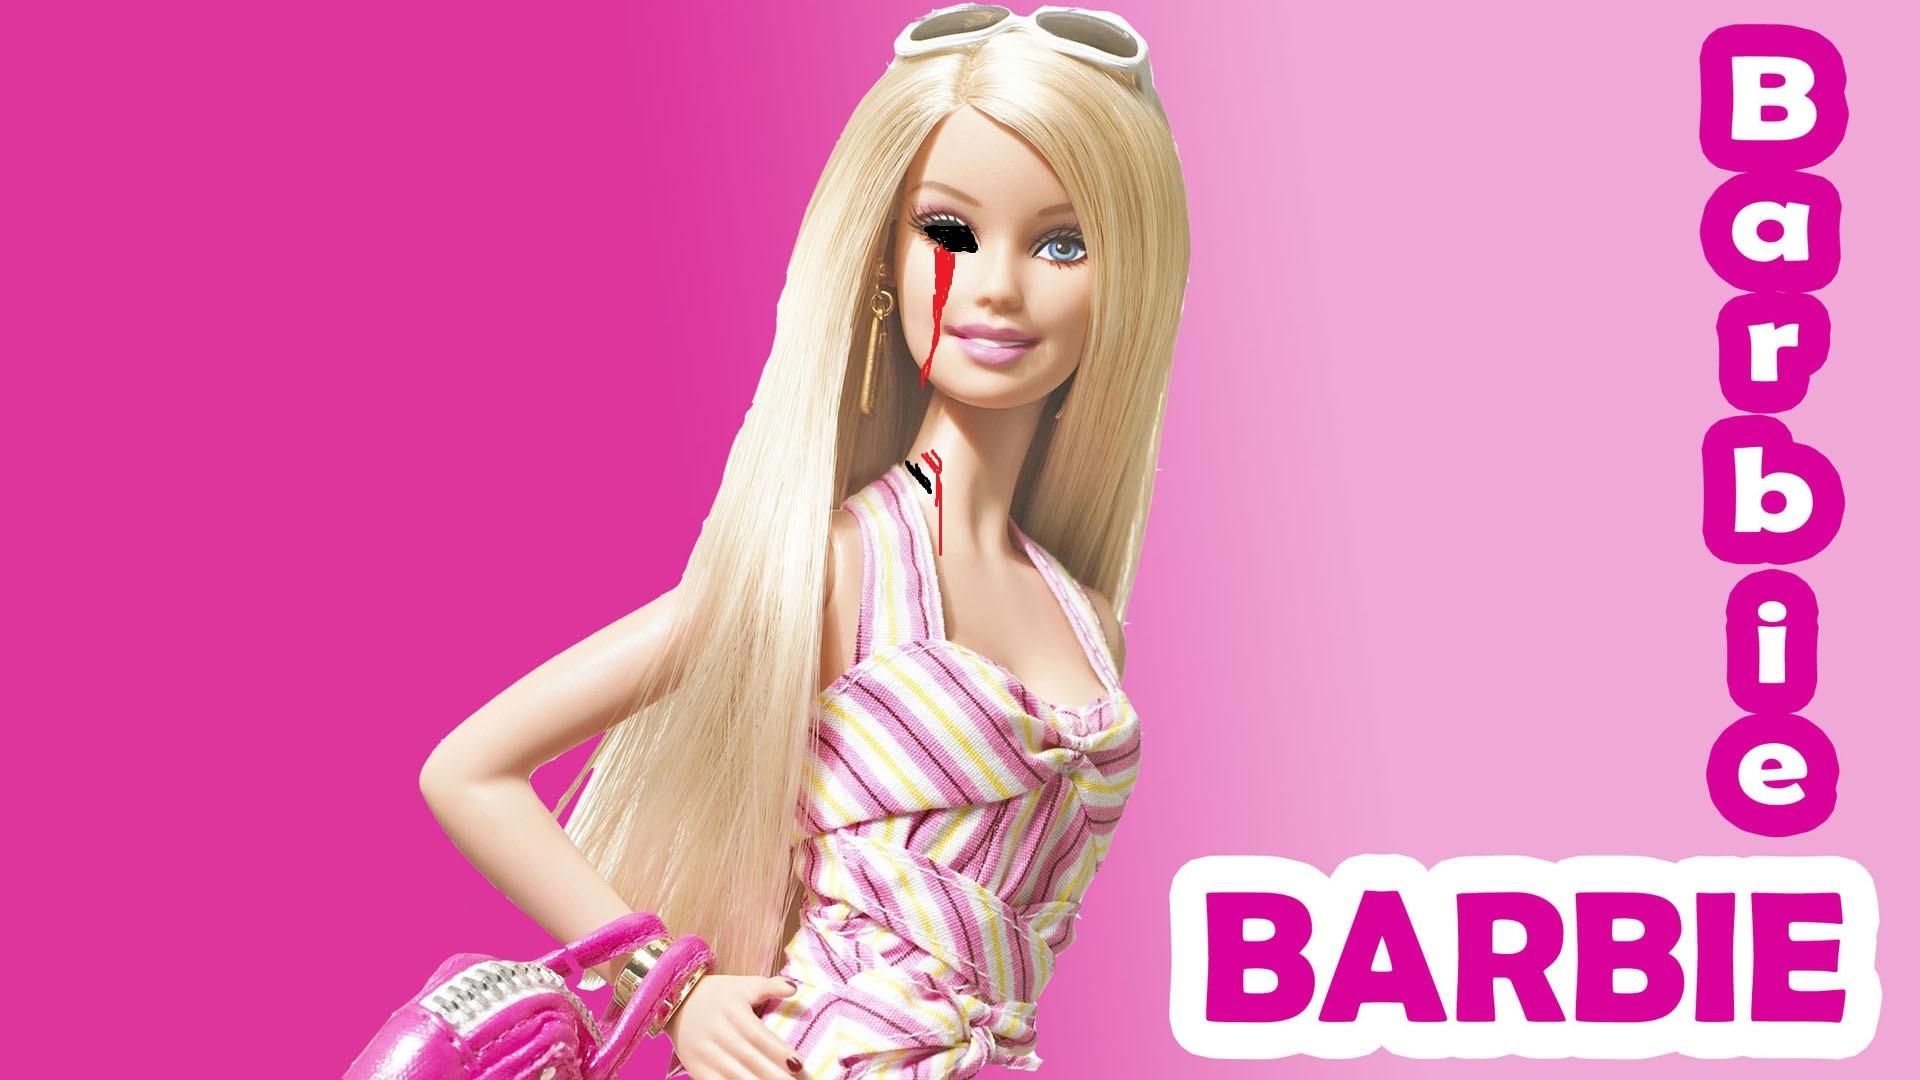 Emon barbie.jpg